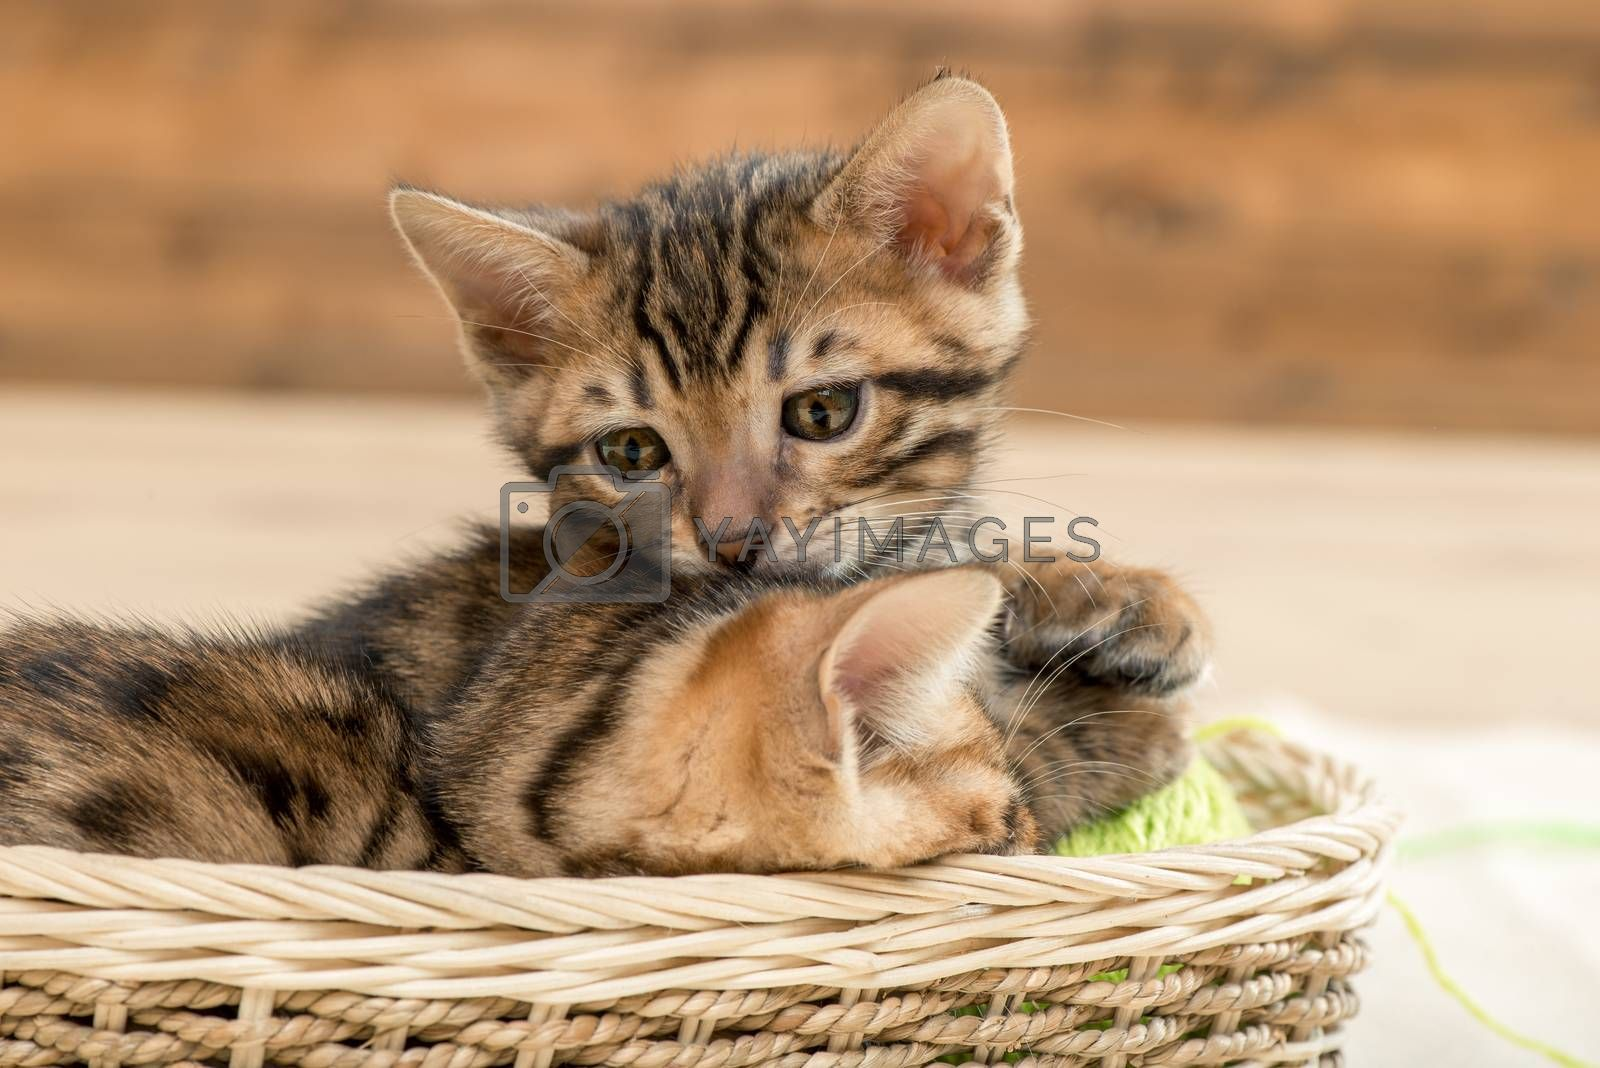 little brown striped bengal kittens in a wicker basket by Labunskiy K.